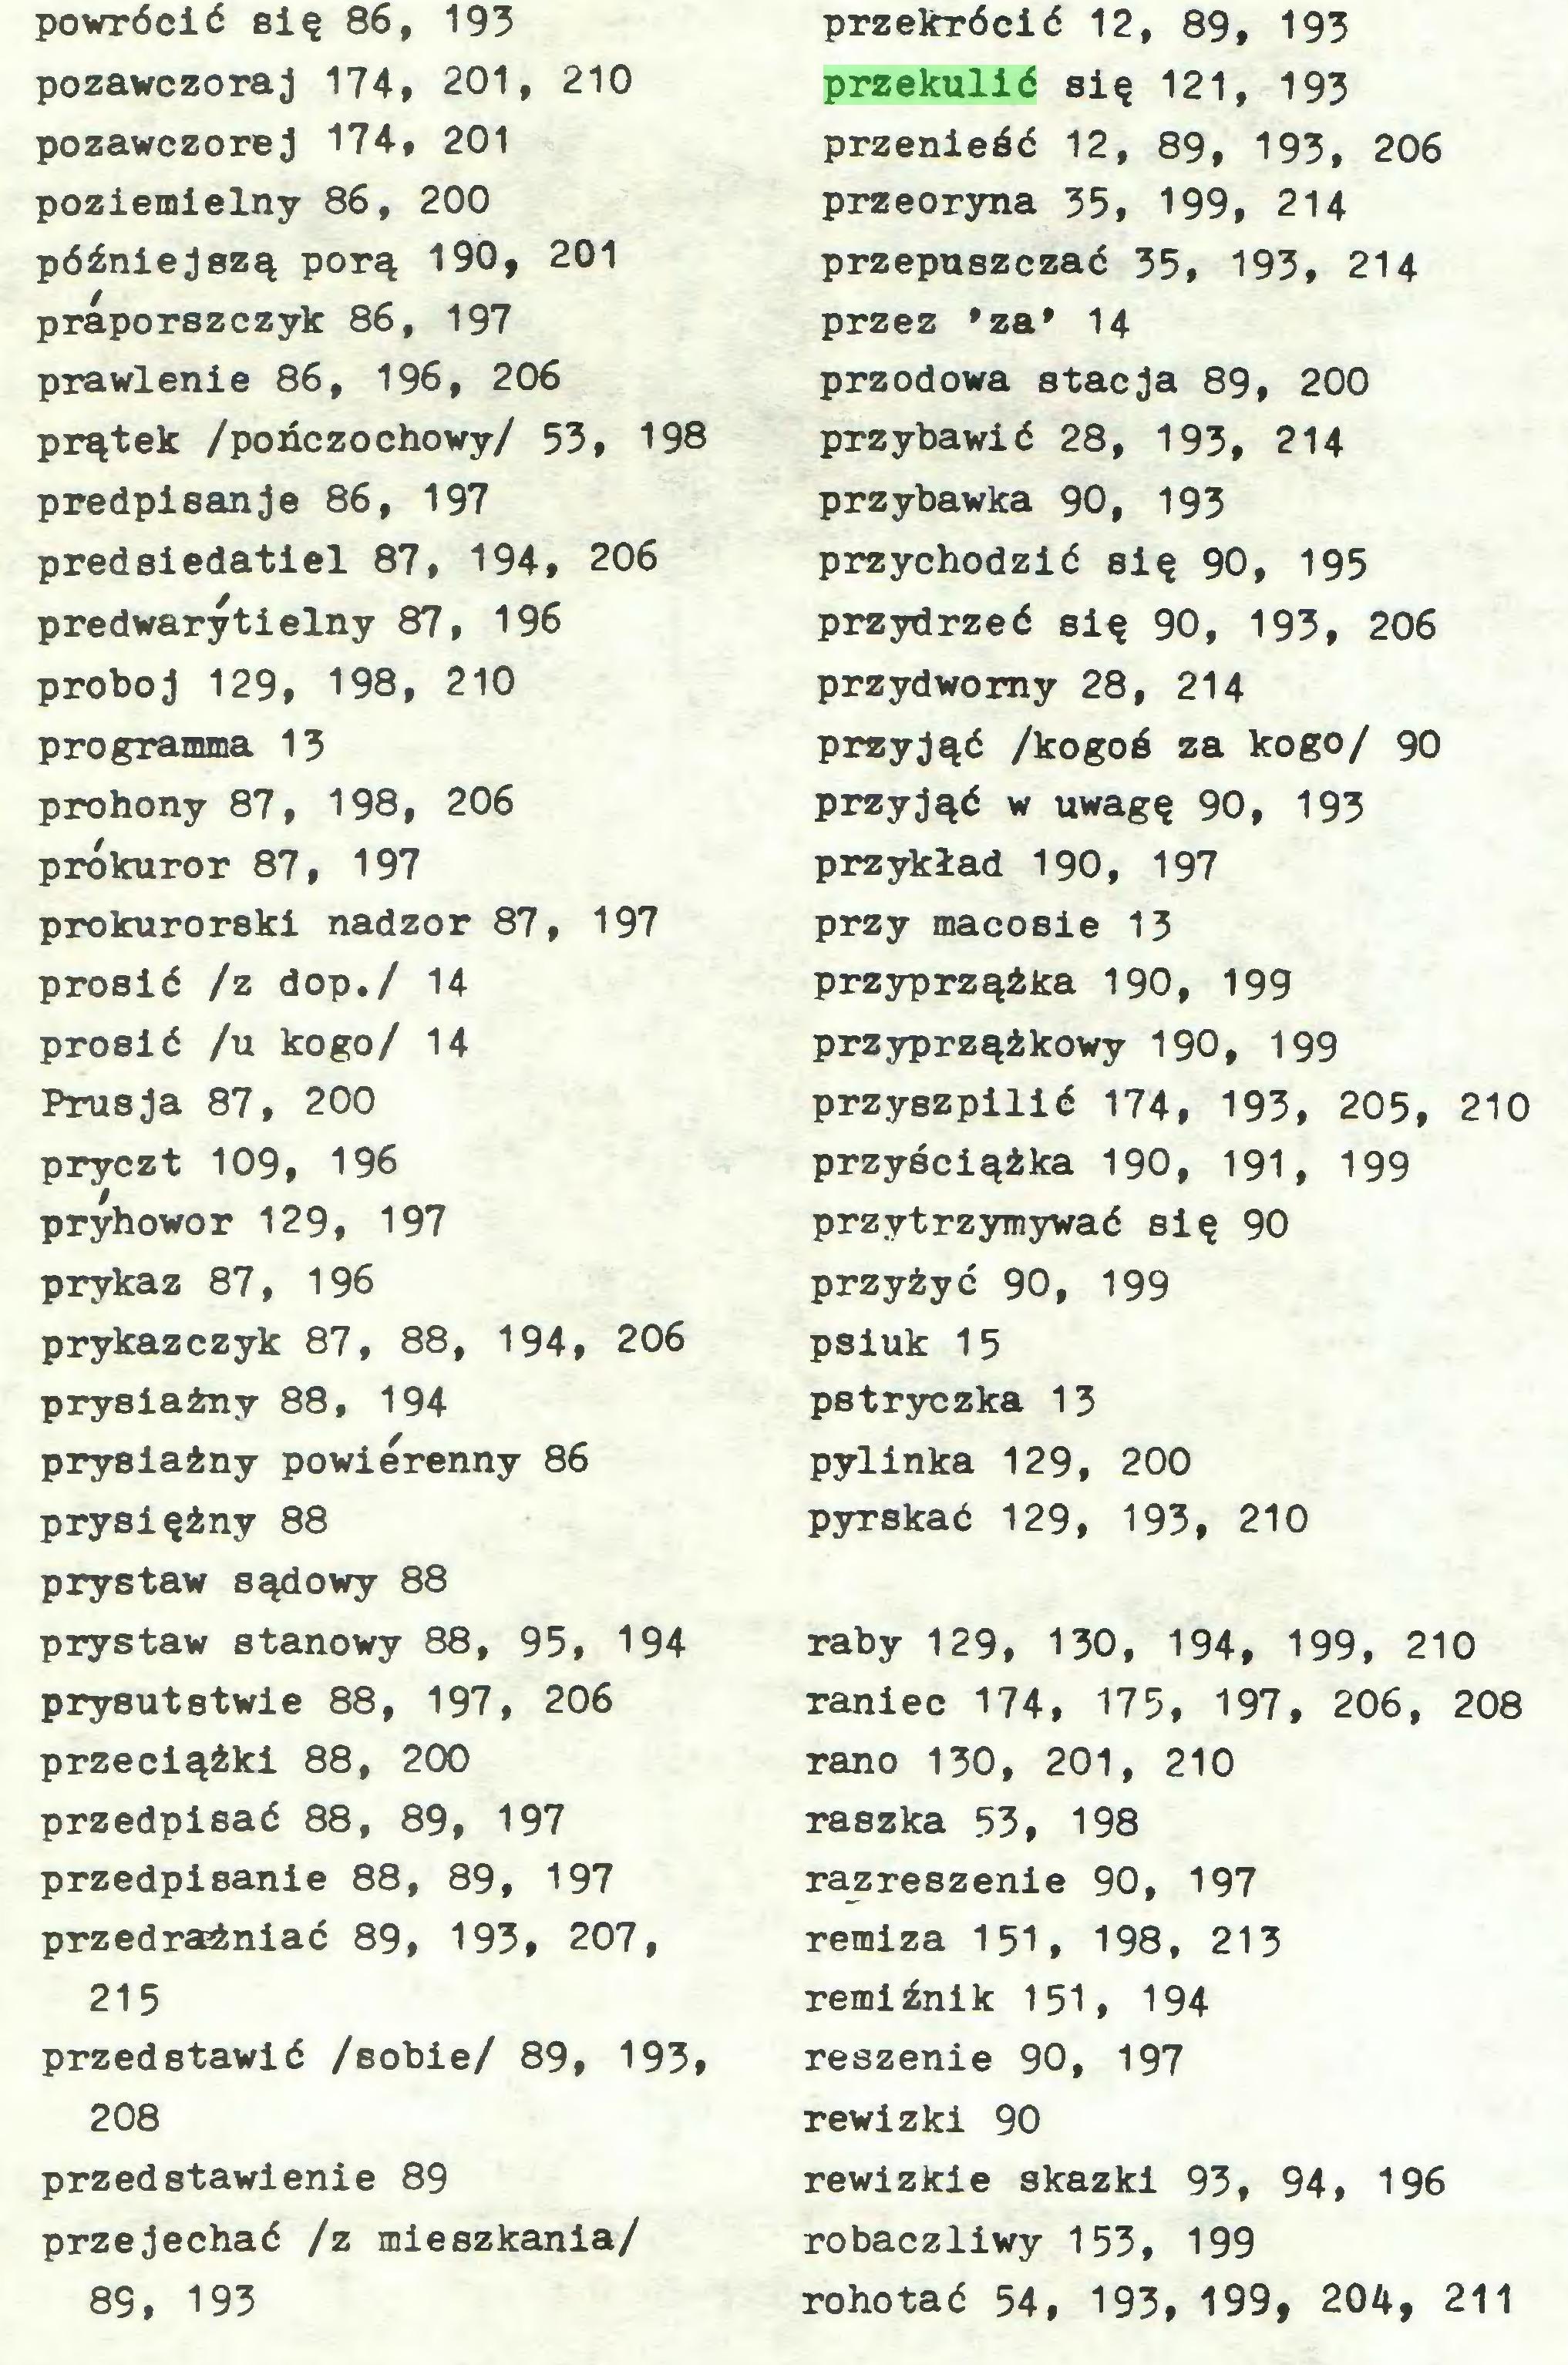 (...) prosić /z dop./ 14 prosić /u kogo/ 14 Prusja 87, 200 pryczt 109, 196 pryhowo r 12 9, 197 prykaz 87, 196 prykazczyk 87, 88, 194, 206 prysiażny 88, 194 prysiażny powierenny 86 prysiężny 88 prystaw sądowy 88 prystaw stanowy 88, 95, 194 prysutstwie 88, 197, 206 przeciążki 88, 200 przedpisać 88, 89, 197 przedpisanie 88, 89, 197 przedrażniać 89, 193, 207, 215 przedstawić /sobie/ 89, 193, 208 przedstawienie 89 przejechać /z mieszkania/ 89, 193 przekrócić 12, 89, 193 przekulić się 121, 193 przenieść 12, 89, 193, 206 przeoryna 35, 199, 214 przepuszczać 35, 193, 214 przez 'za' 14 przodowa stacja 89, 200 przybawić 28, 193, 214 prz ybawka 90, 193 przychodzić się 90, 195 przydrzeć się 90, 193, 206 przydwomy 28, 214 przyjąć /kogoś za kogo/ 90 przyjąć w uwagę 90, 193 przykład 190, 197 przy macosie 13 przyprzążka 190, 199 przyprząźkowy 190, 199 przyszpilić 174, 193, 205, 210 przyściążka 190, 191, 199 przytrzymywać się 90 przyżyć 90, 199 psiuk 15 pstryczka 13 pylinka 129, 200 pyrskać 129, 193, 210 raby 129, 130, 194, 199, 210 raniec 174, 175, 197, 206, 208 rano 130, 201, 210 raszka 53, 198 razreszenie 90, 197 remiza 151, 198, 213 remiźnik 151, 194 reszenie 90, 197 rewizki 90 rewizkie skazki 93, 94, 196 robaczliwy 153, 199 rohotać 54, 193, 199, 204, 211...